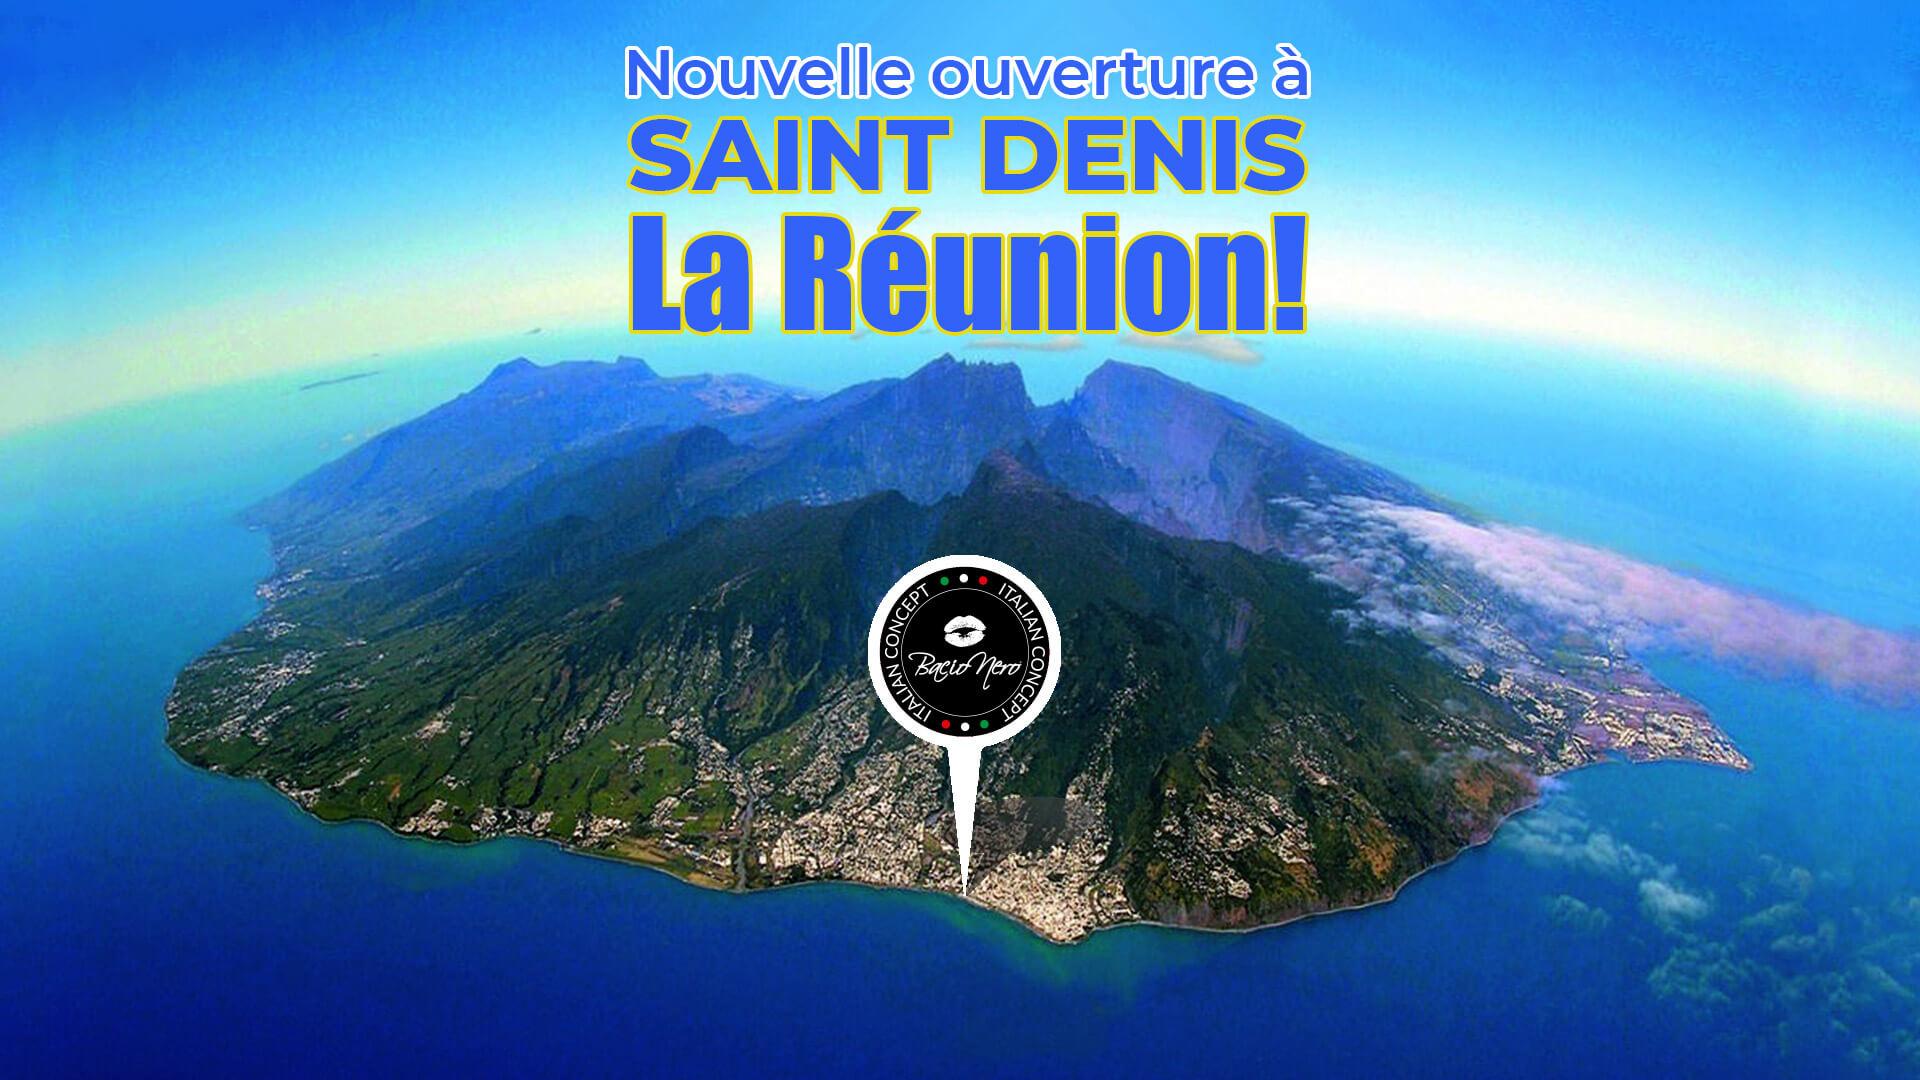 Nouvelle Ouverture à Saint Denis La Réunion